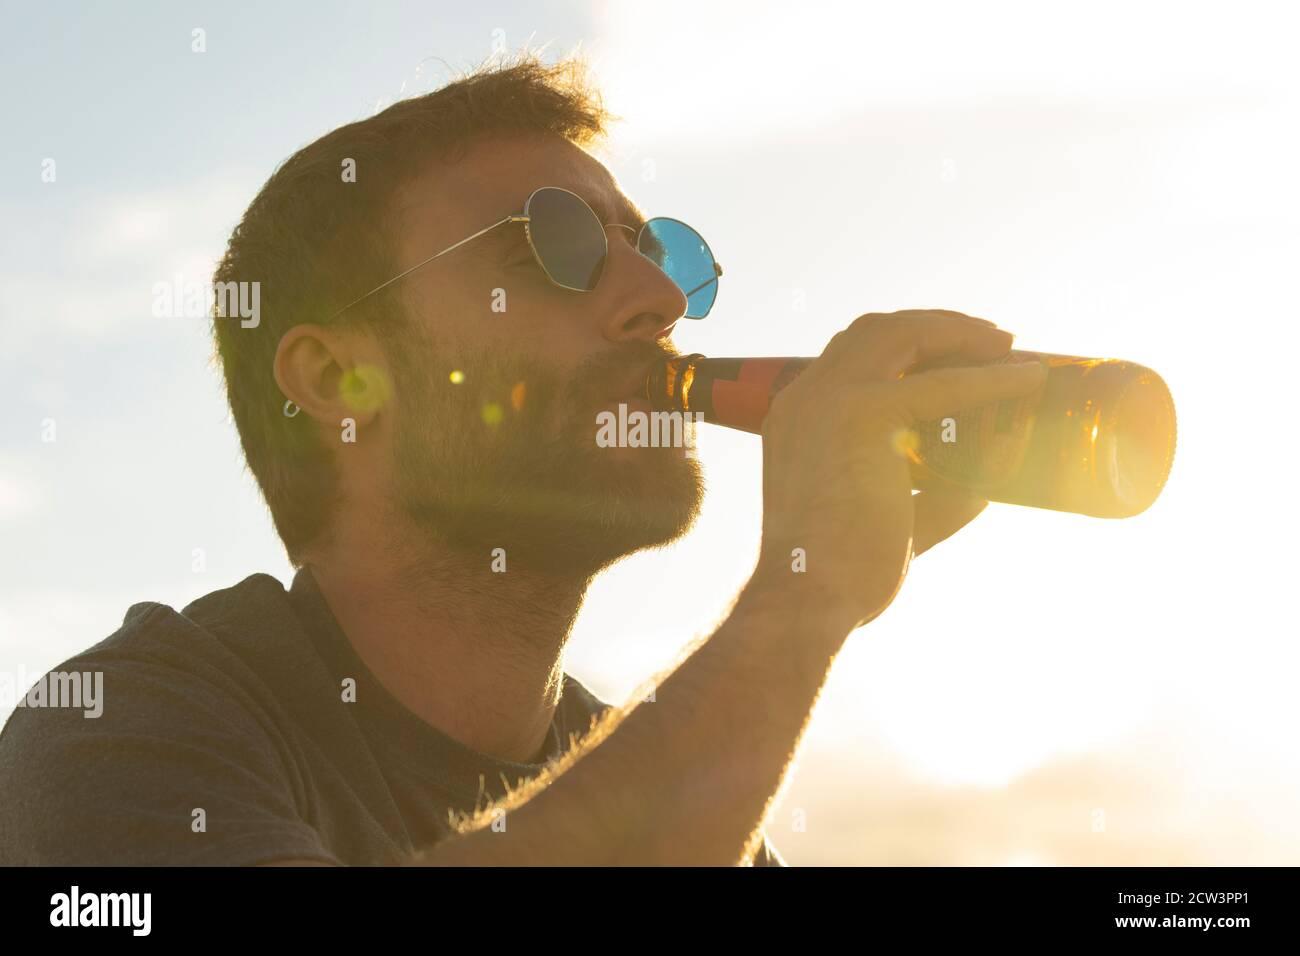 Un joven, con vasos y barba, bebe cerveza de una botella, mientras disfruta del paisaje y la puesta de sol, en Galicia, al norte de España. Foto de stock